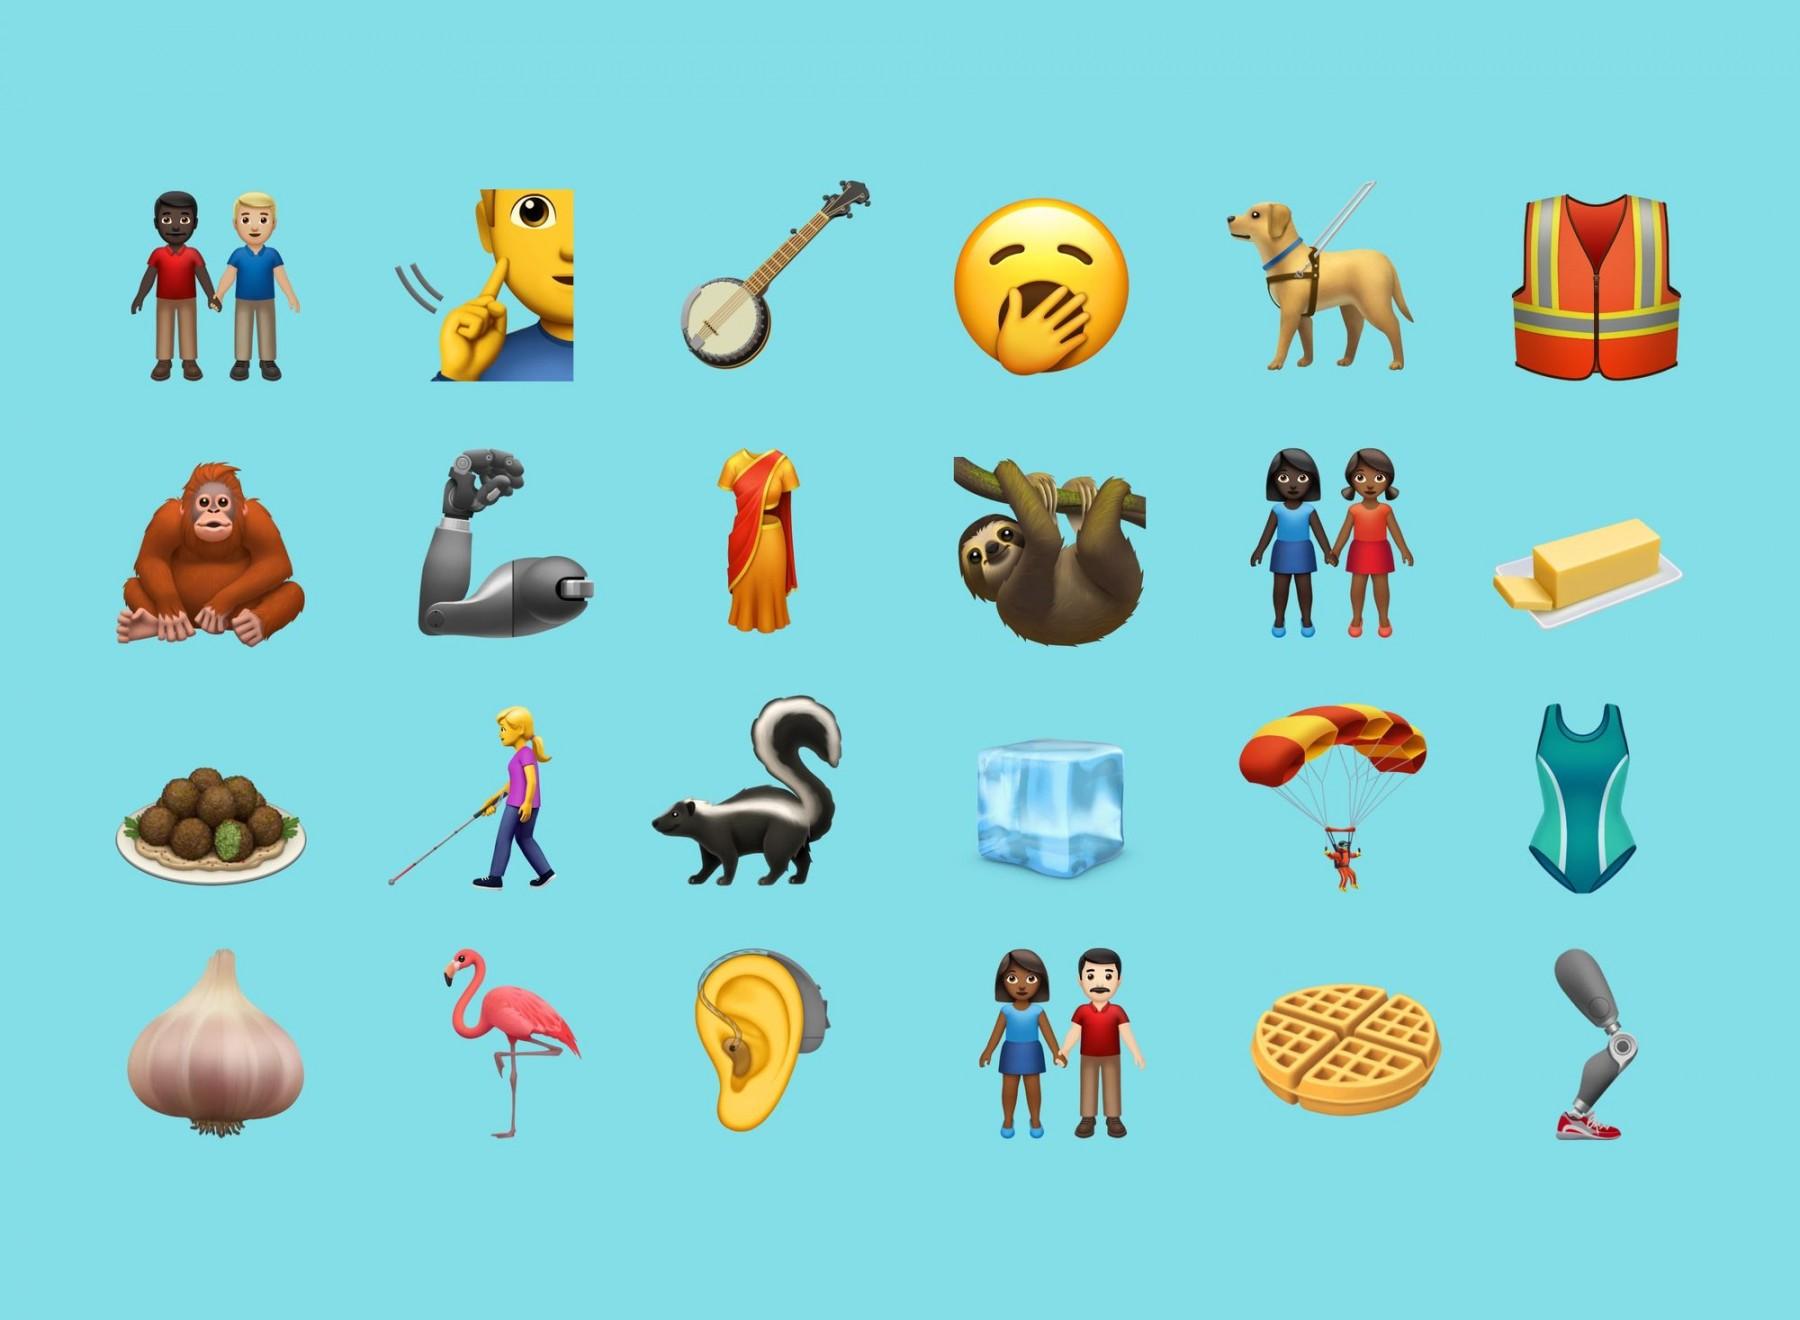 苹果公司最新表情符号设计